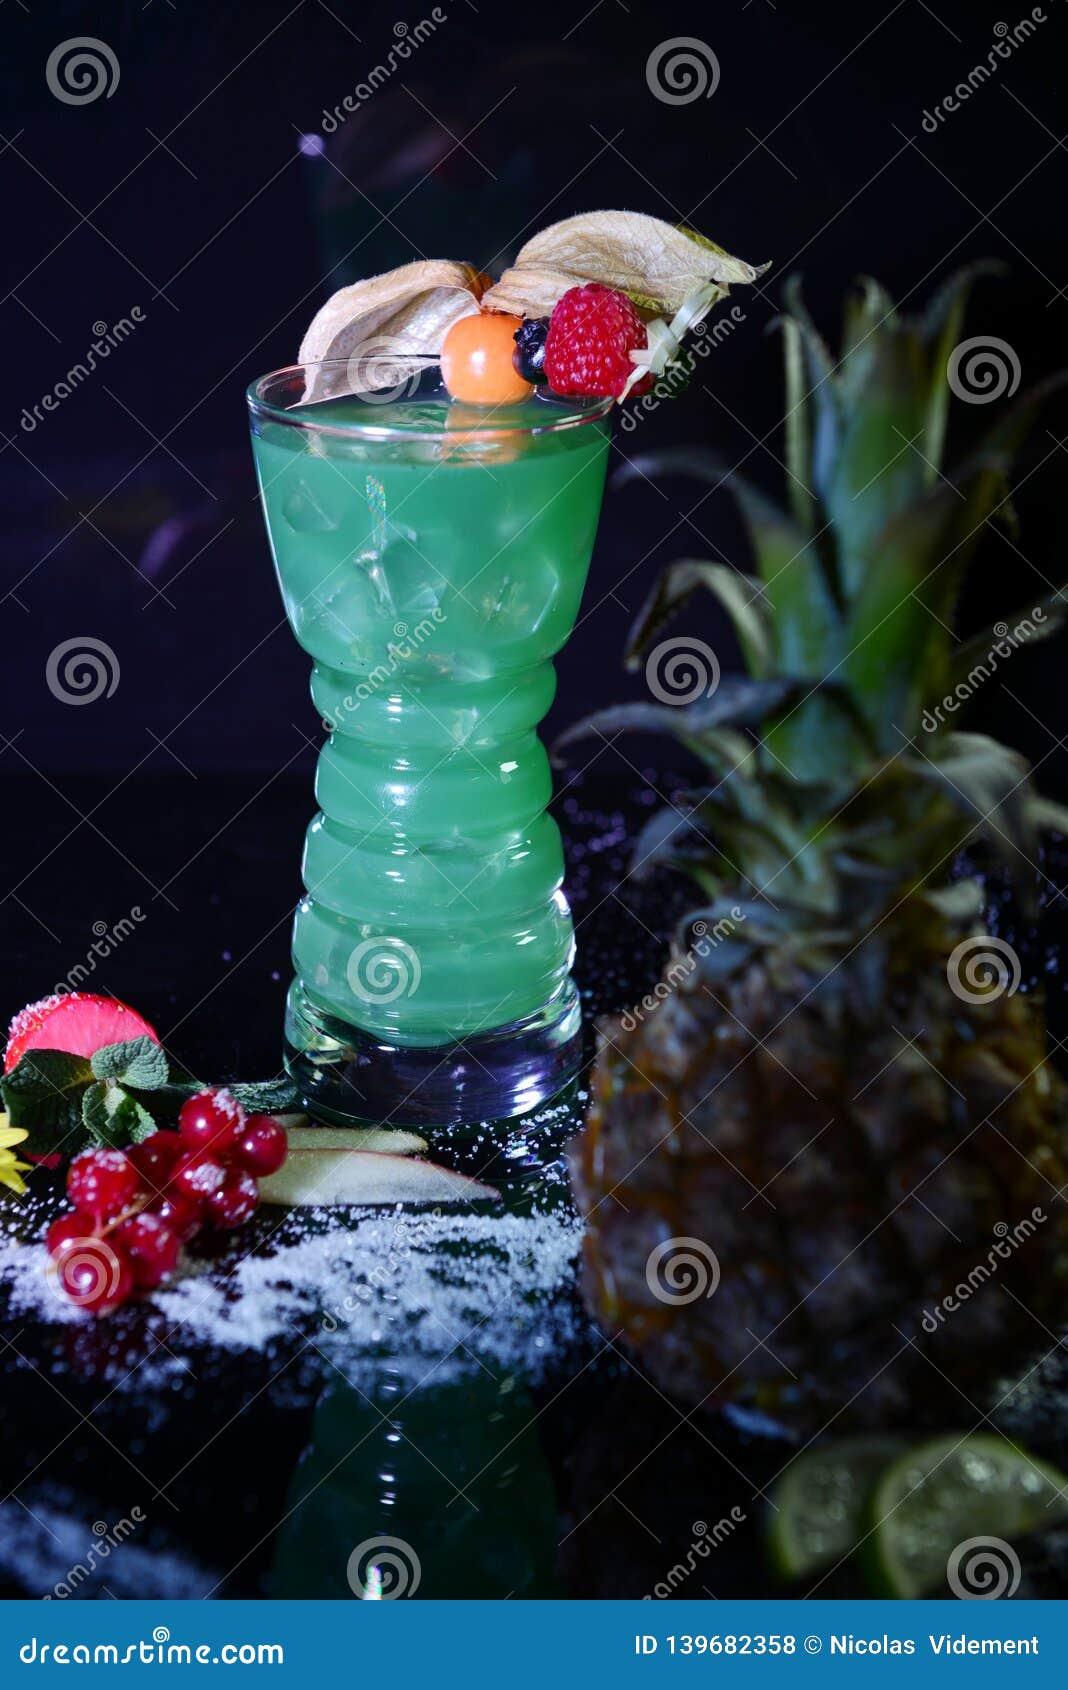 Grünes Neoncocktail mit Früchten auf schwarzem Hintergrund